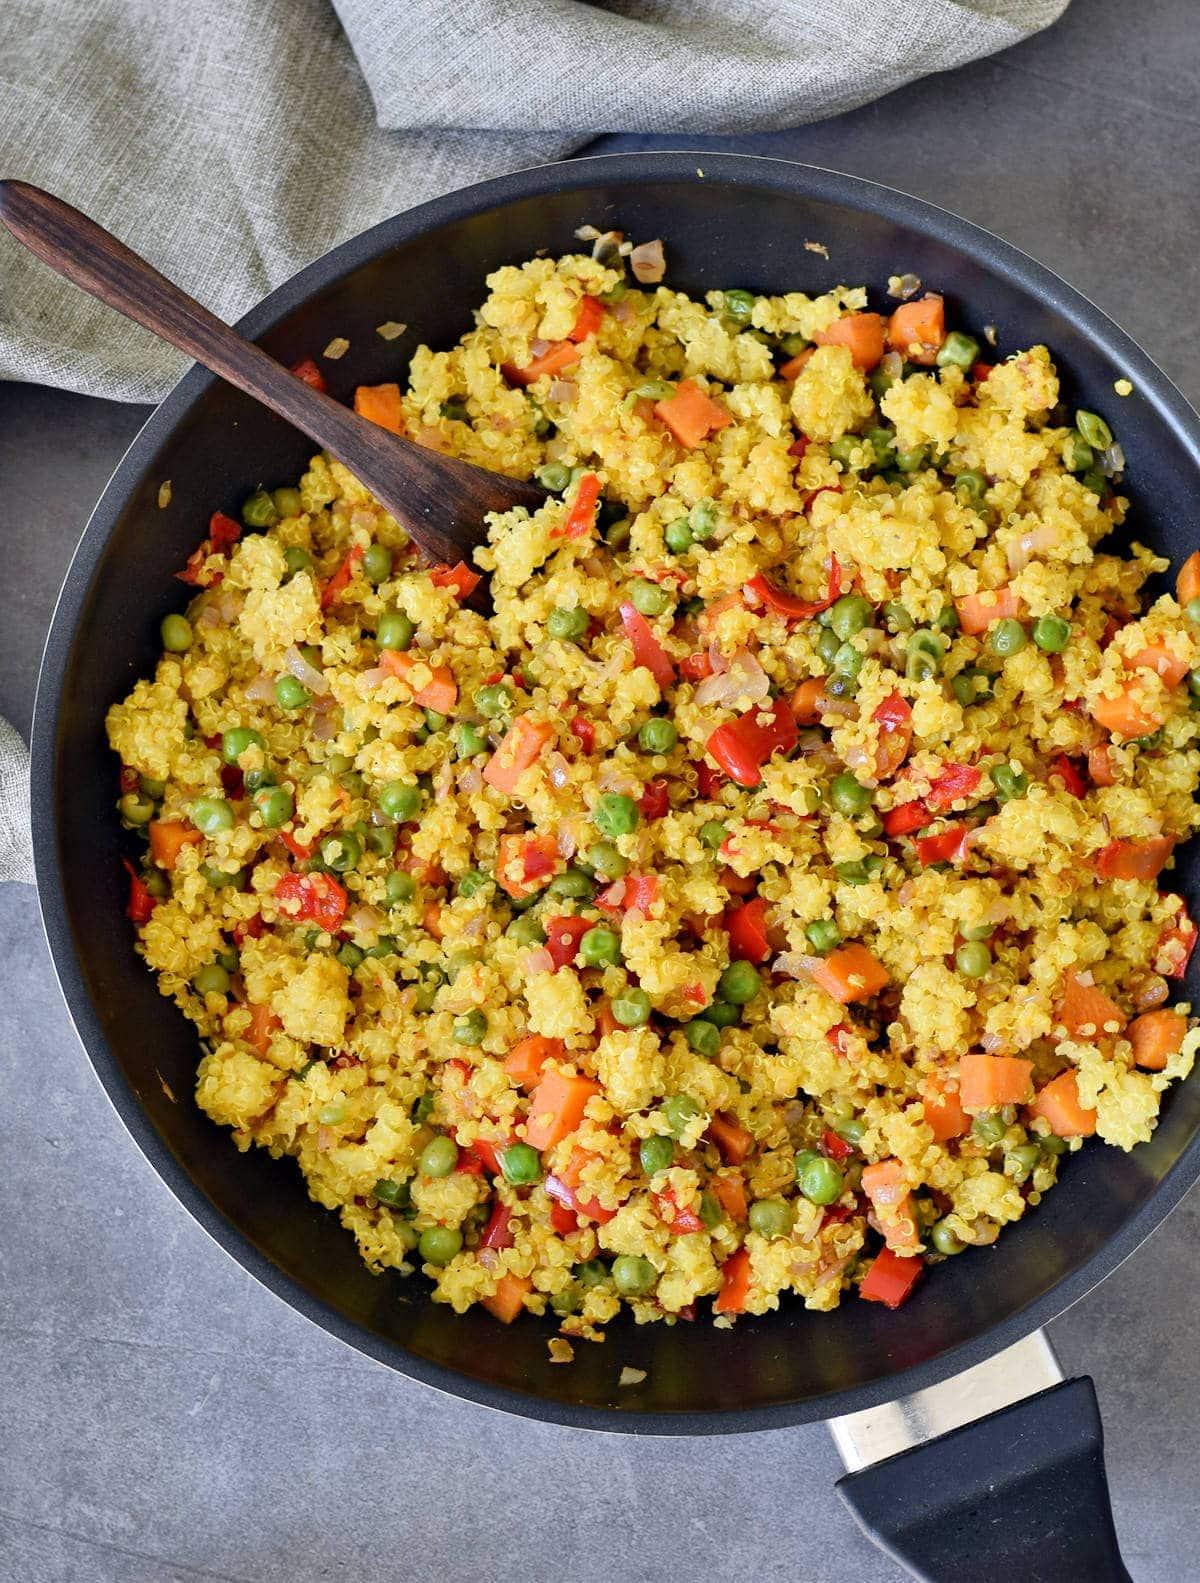 veggie stir fry in a black pan